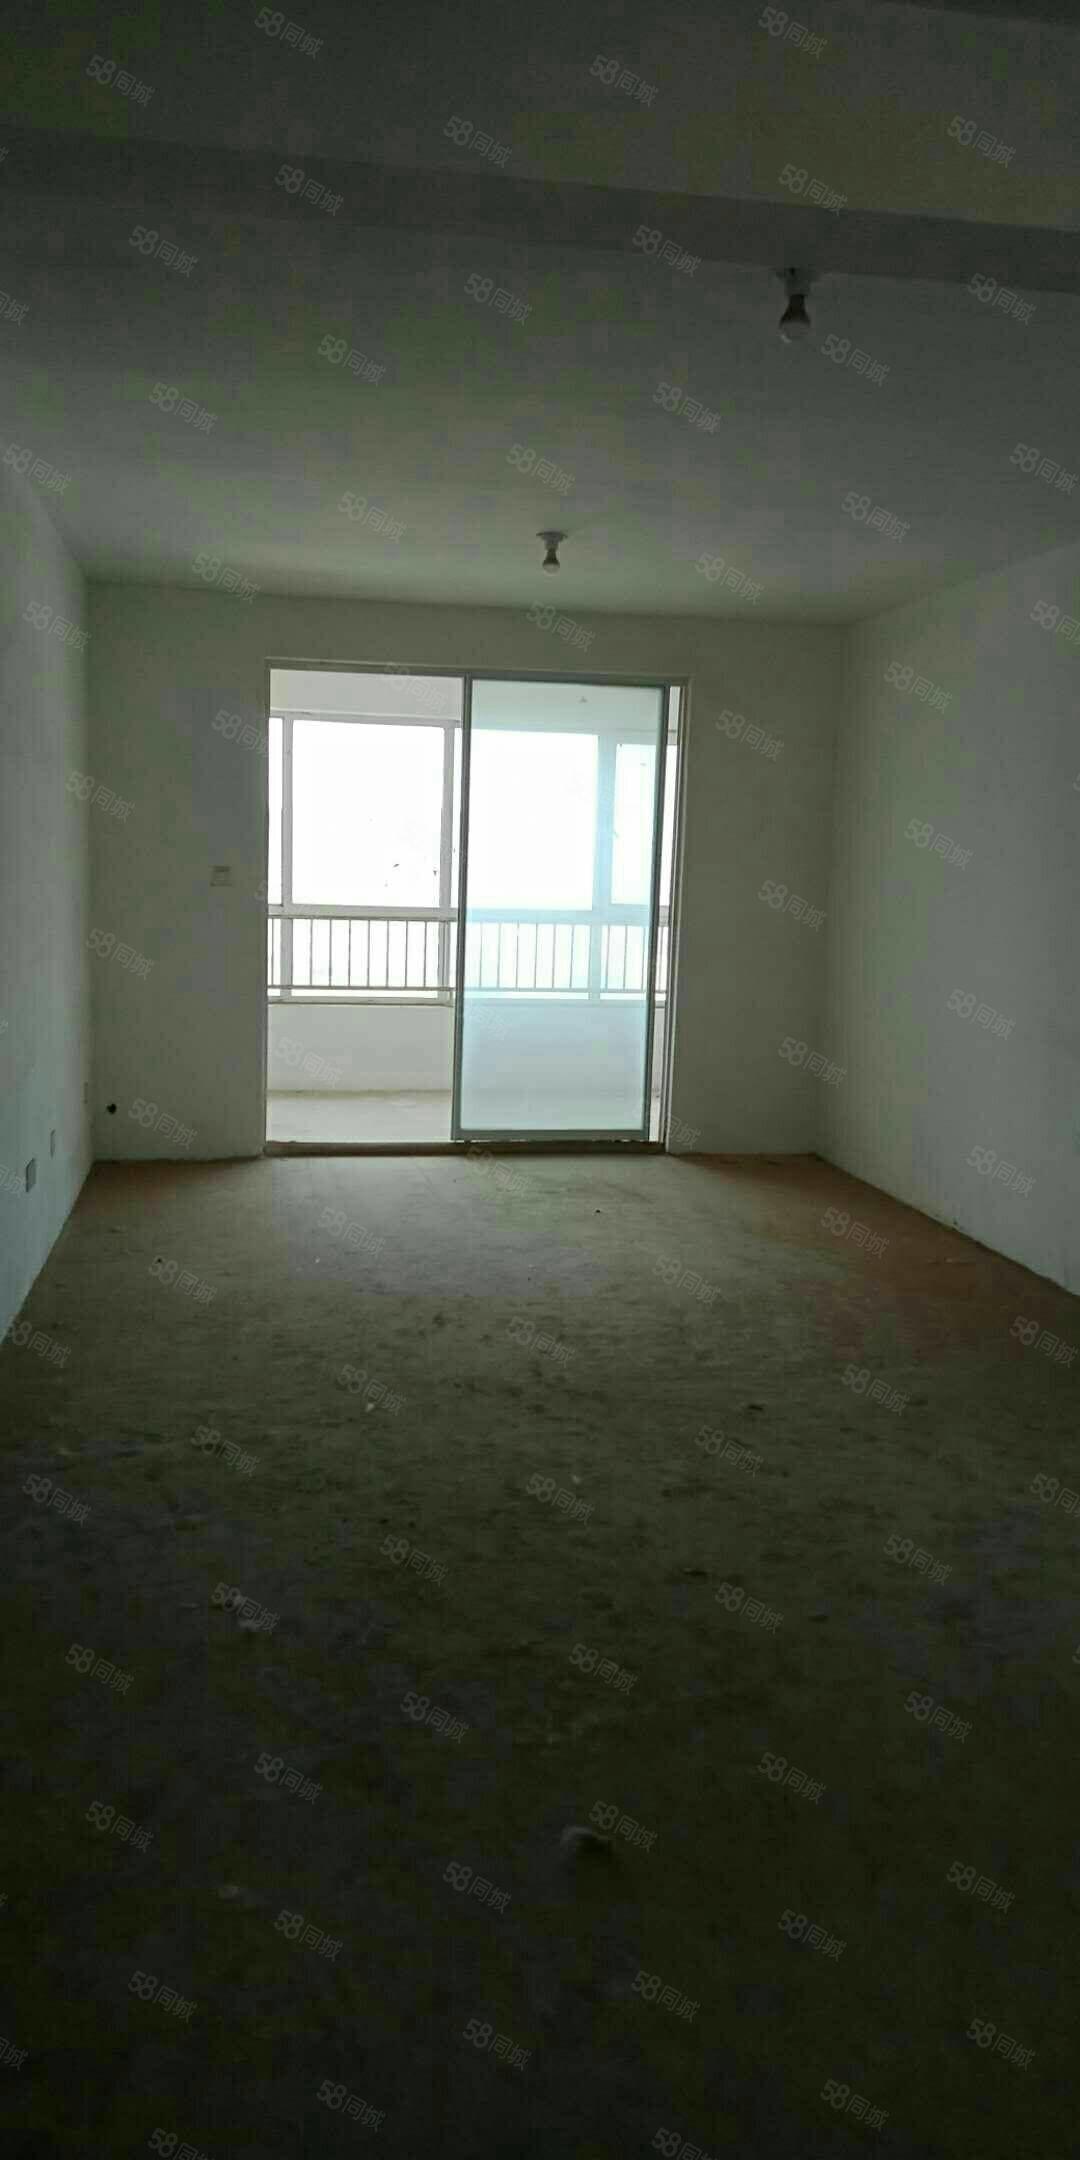 出售百世帝景10楼132平,3室2厅2卫,南北通透,有储藏室